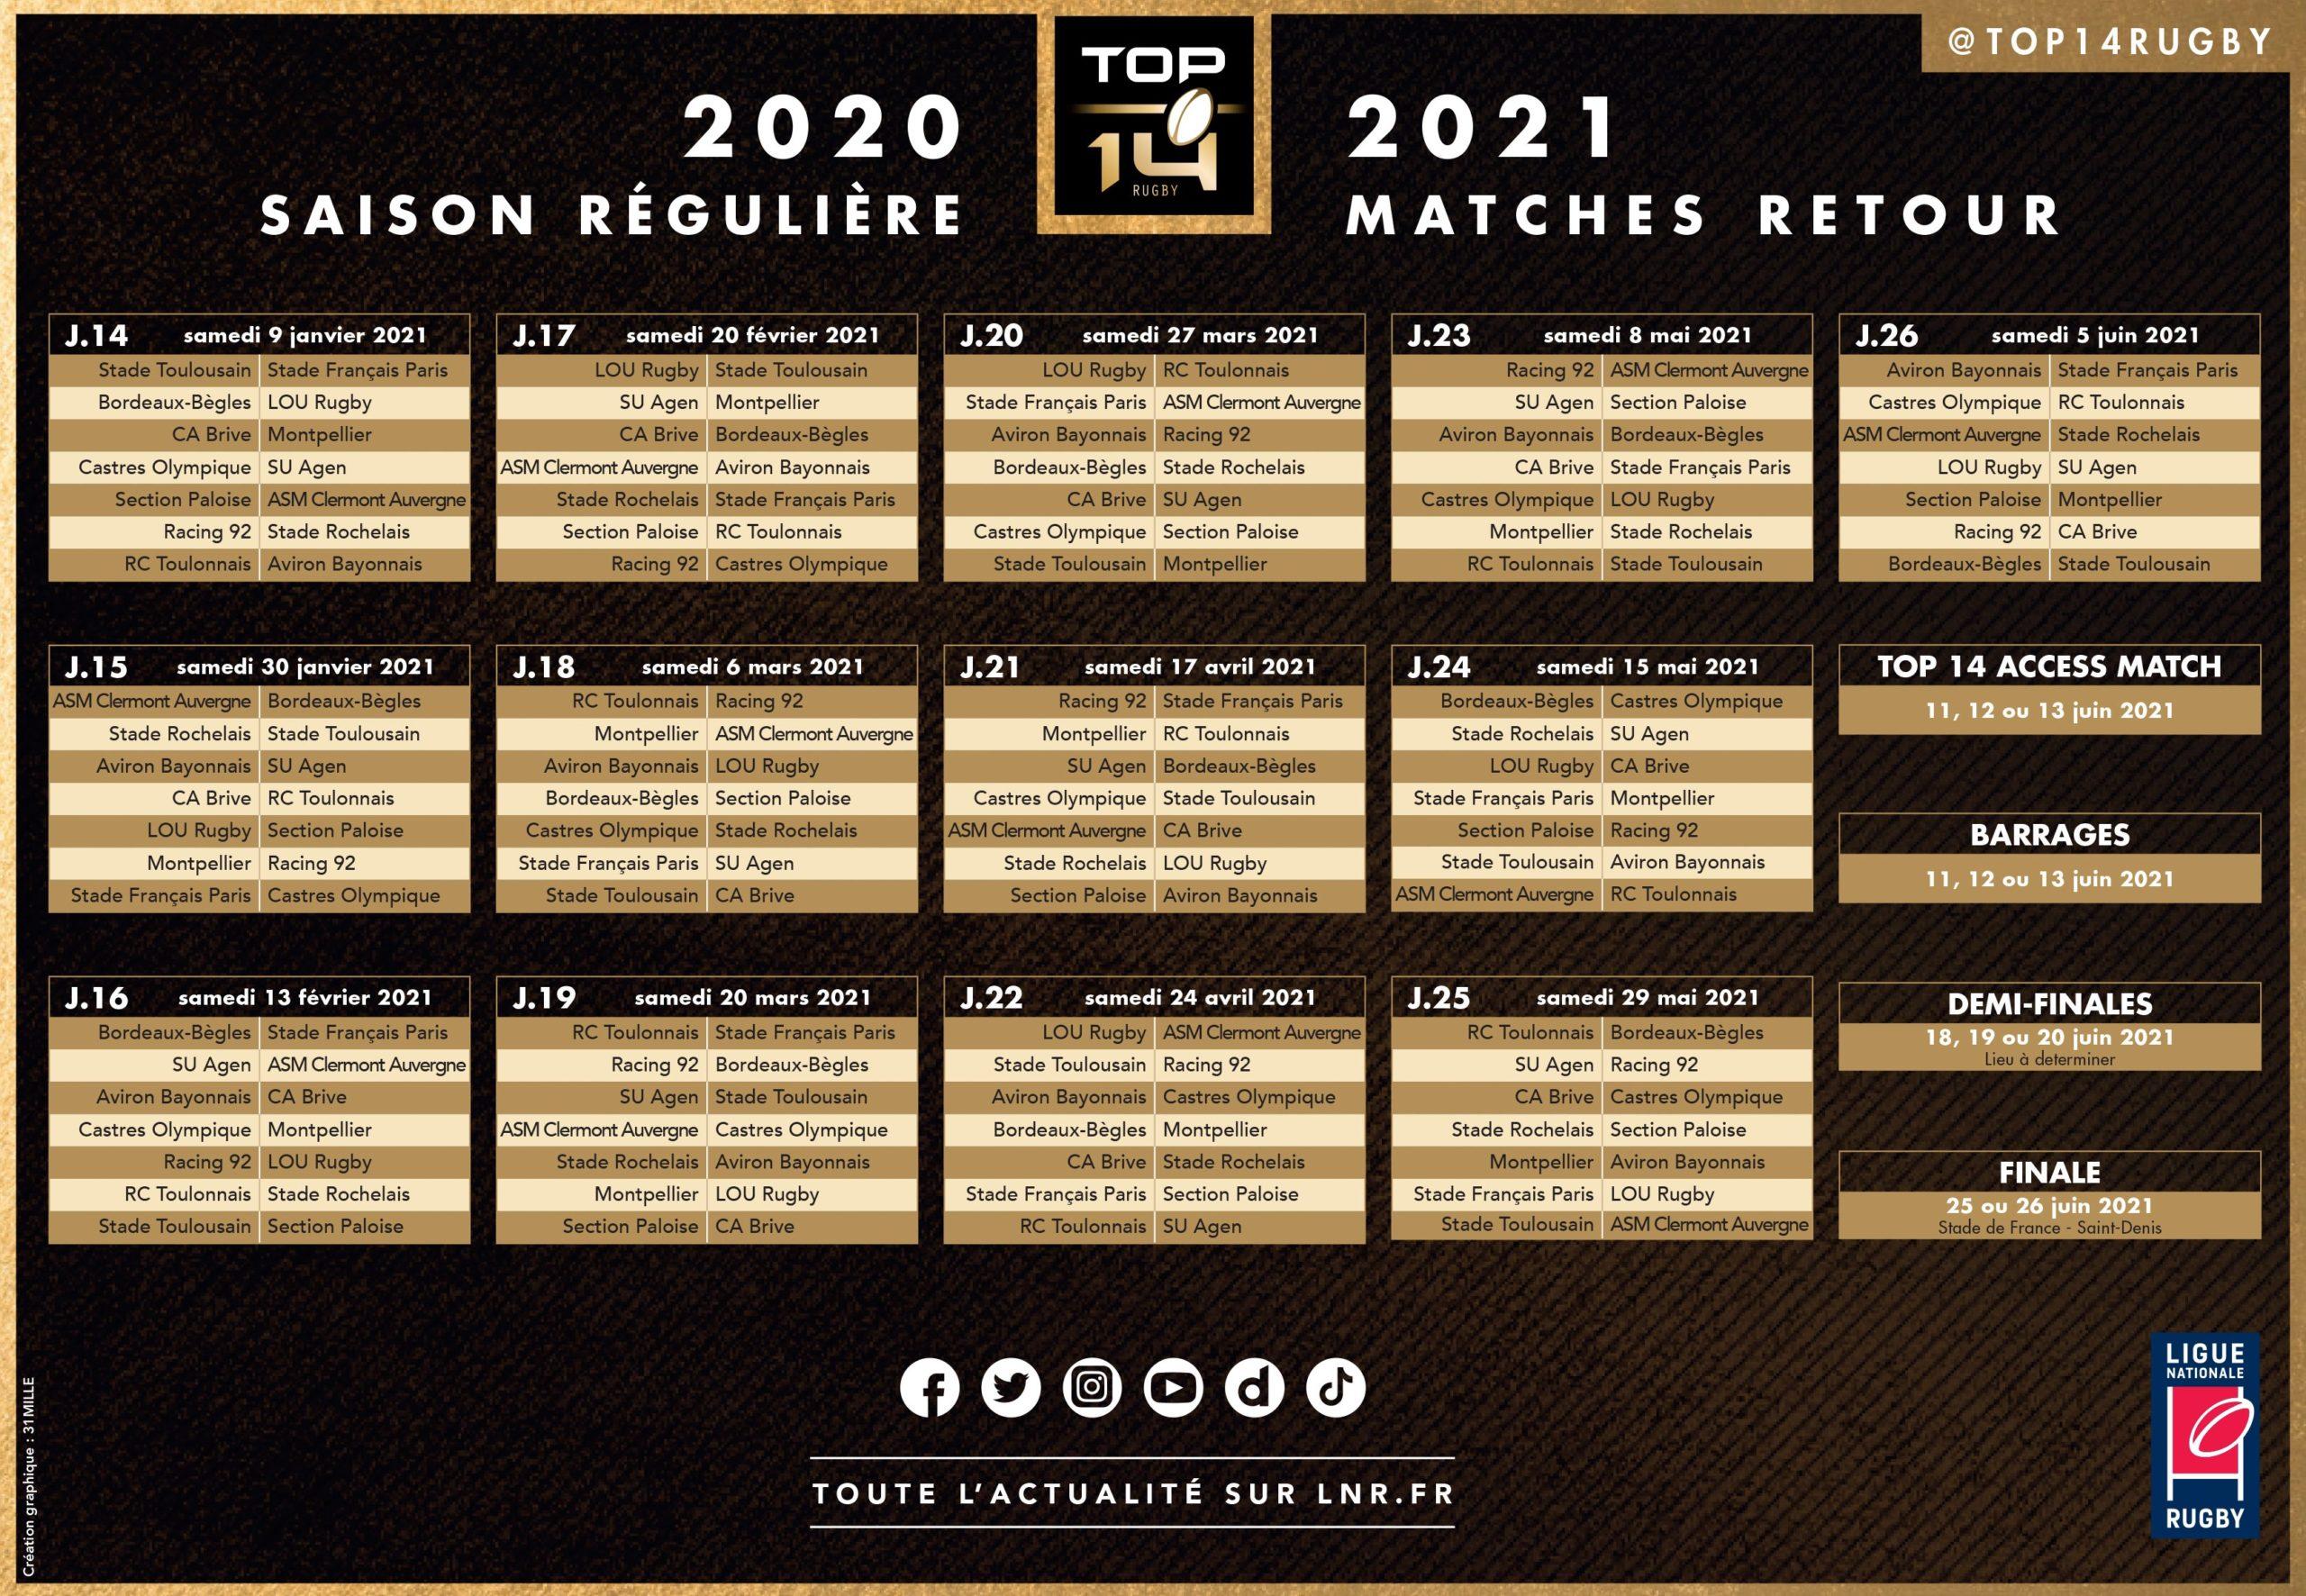 Top 14 Calendrier 2021 Rugby à XV   Top 14 : le calendrier 2020/2021 complet, journée par